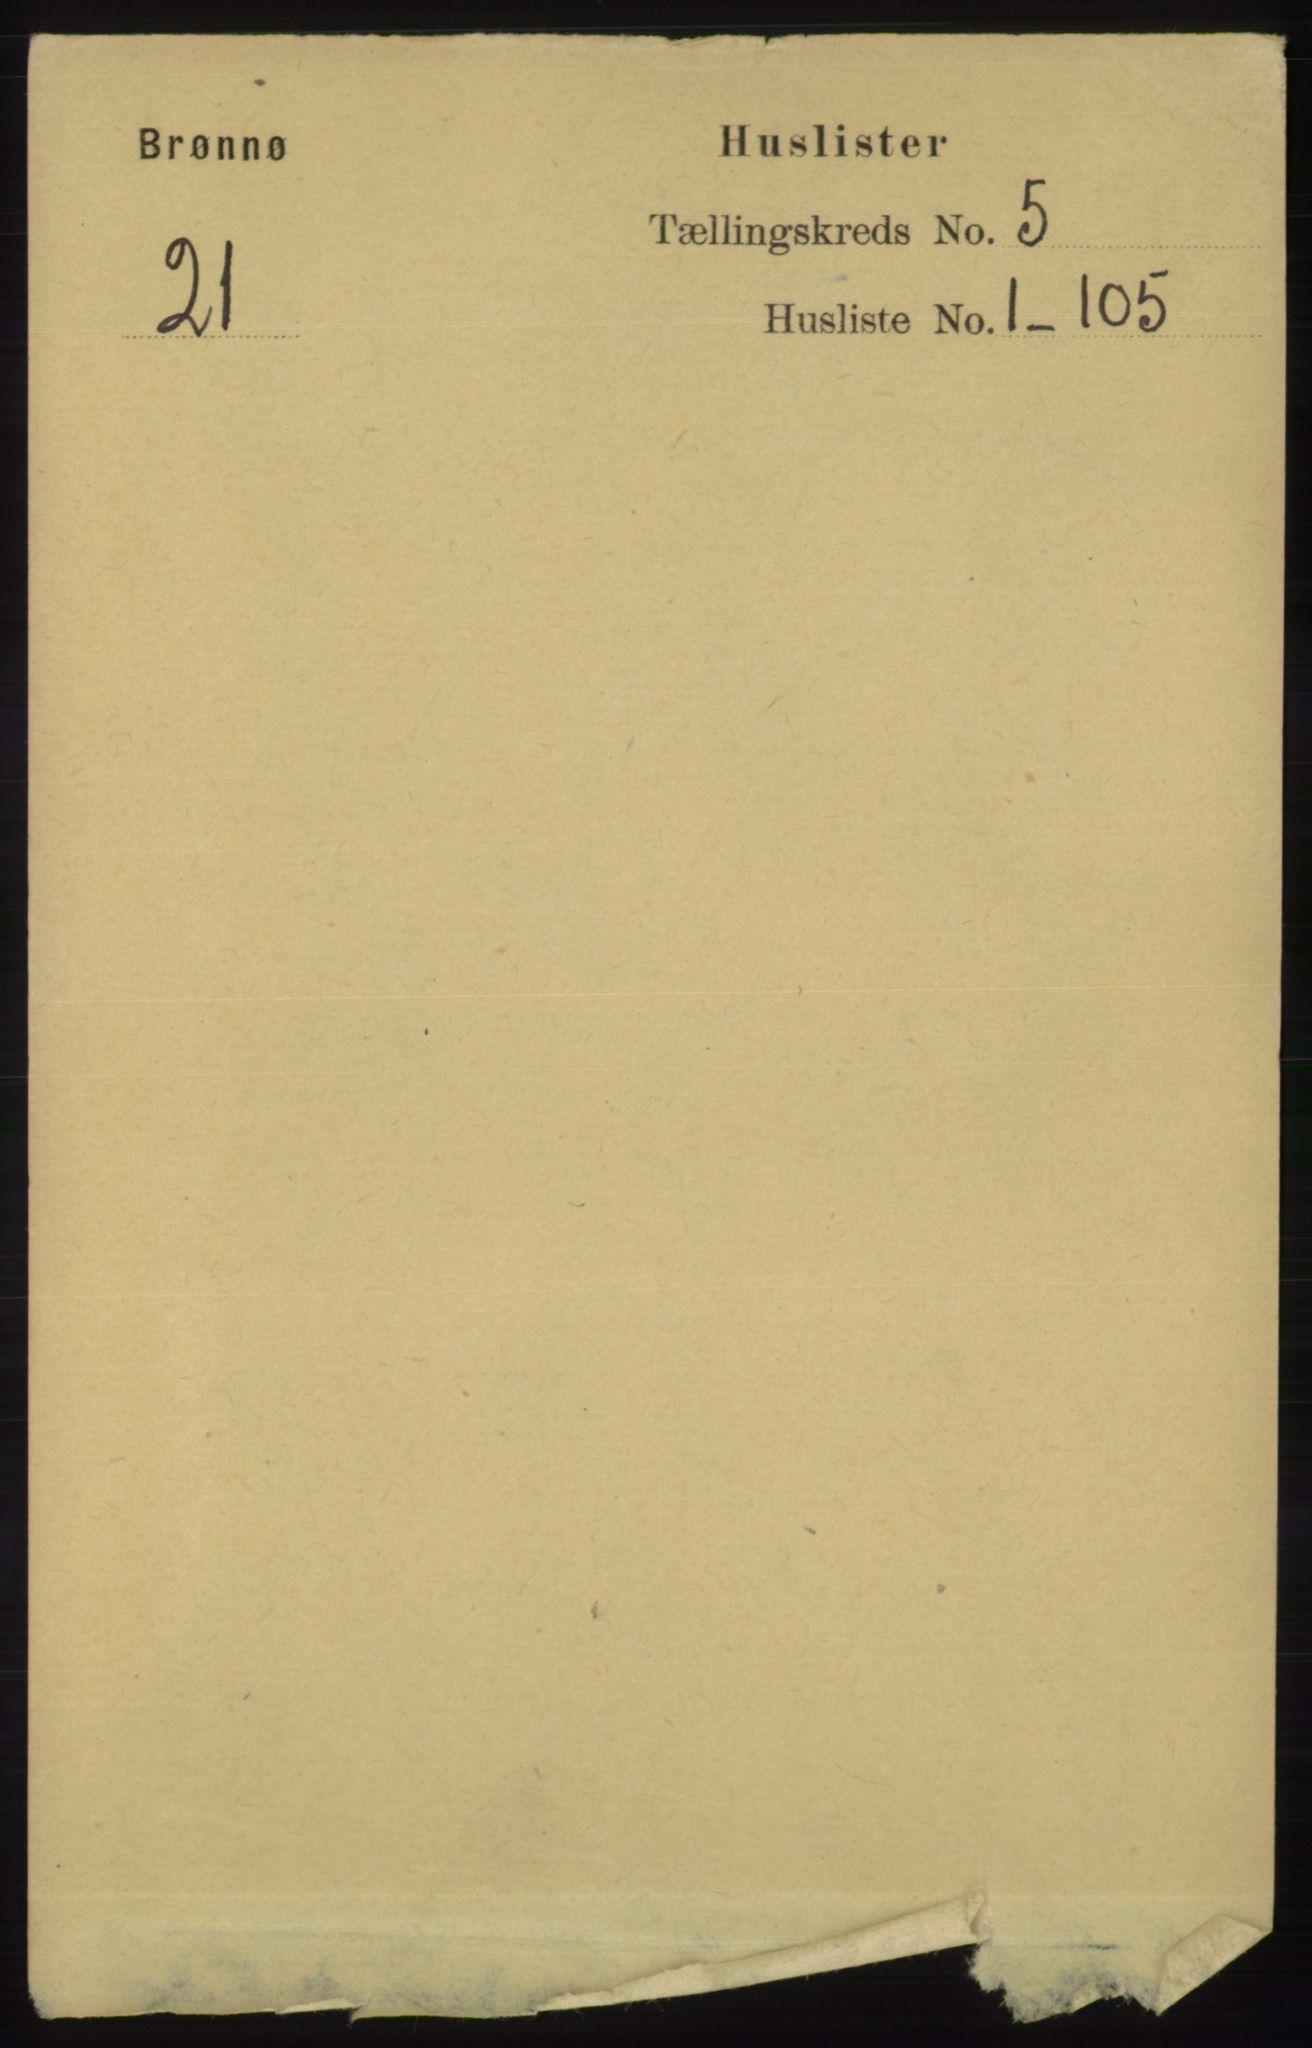 RA, Folketelling 1891 for 1814 Brønnøy herred, 1891, s. 2355